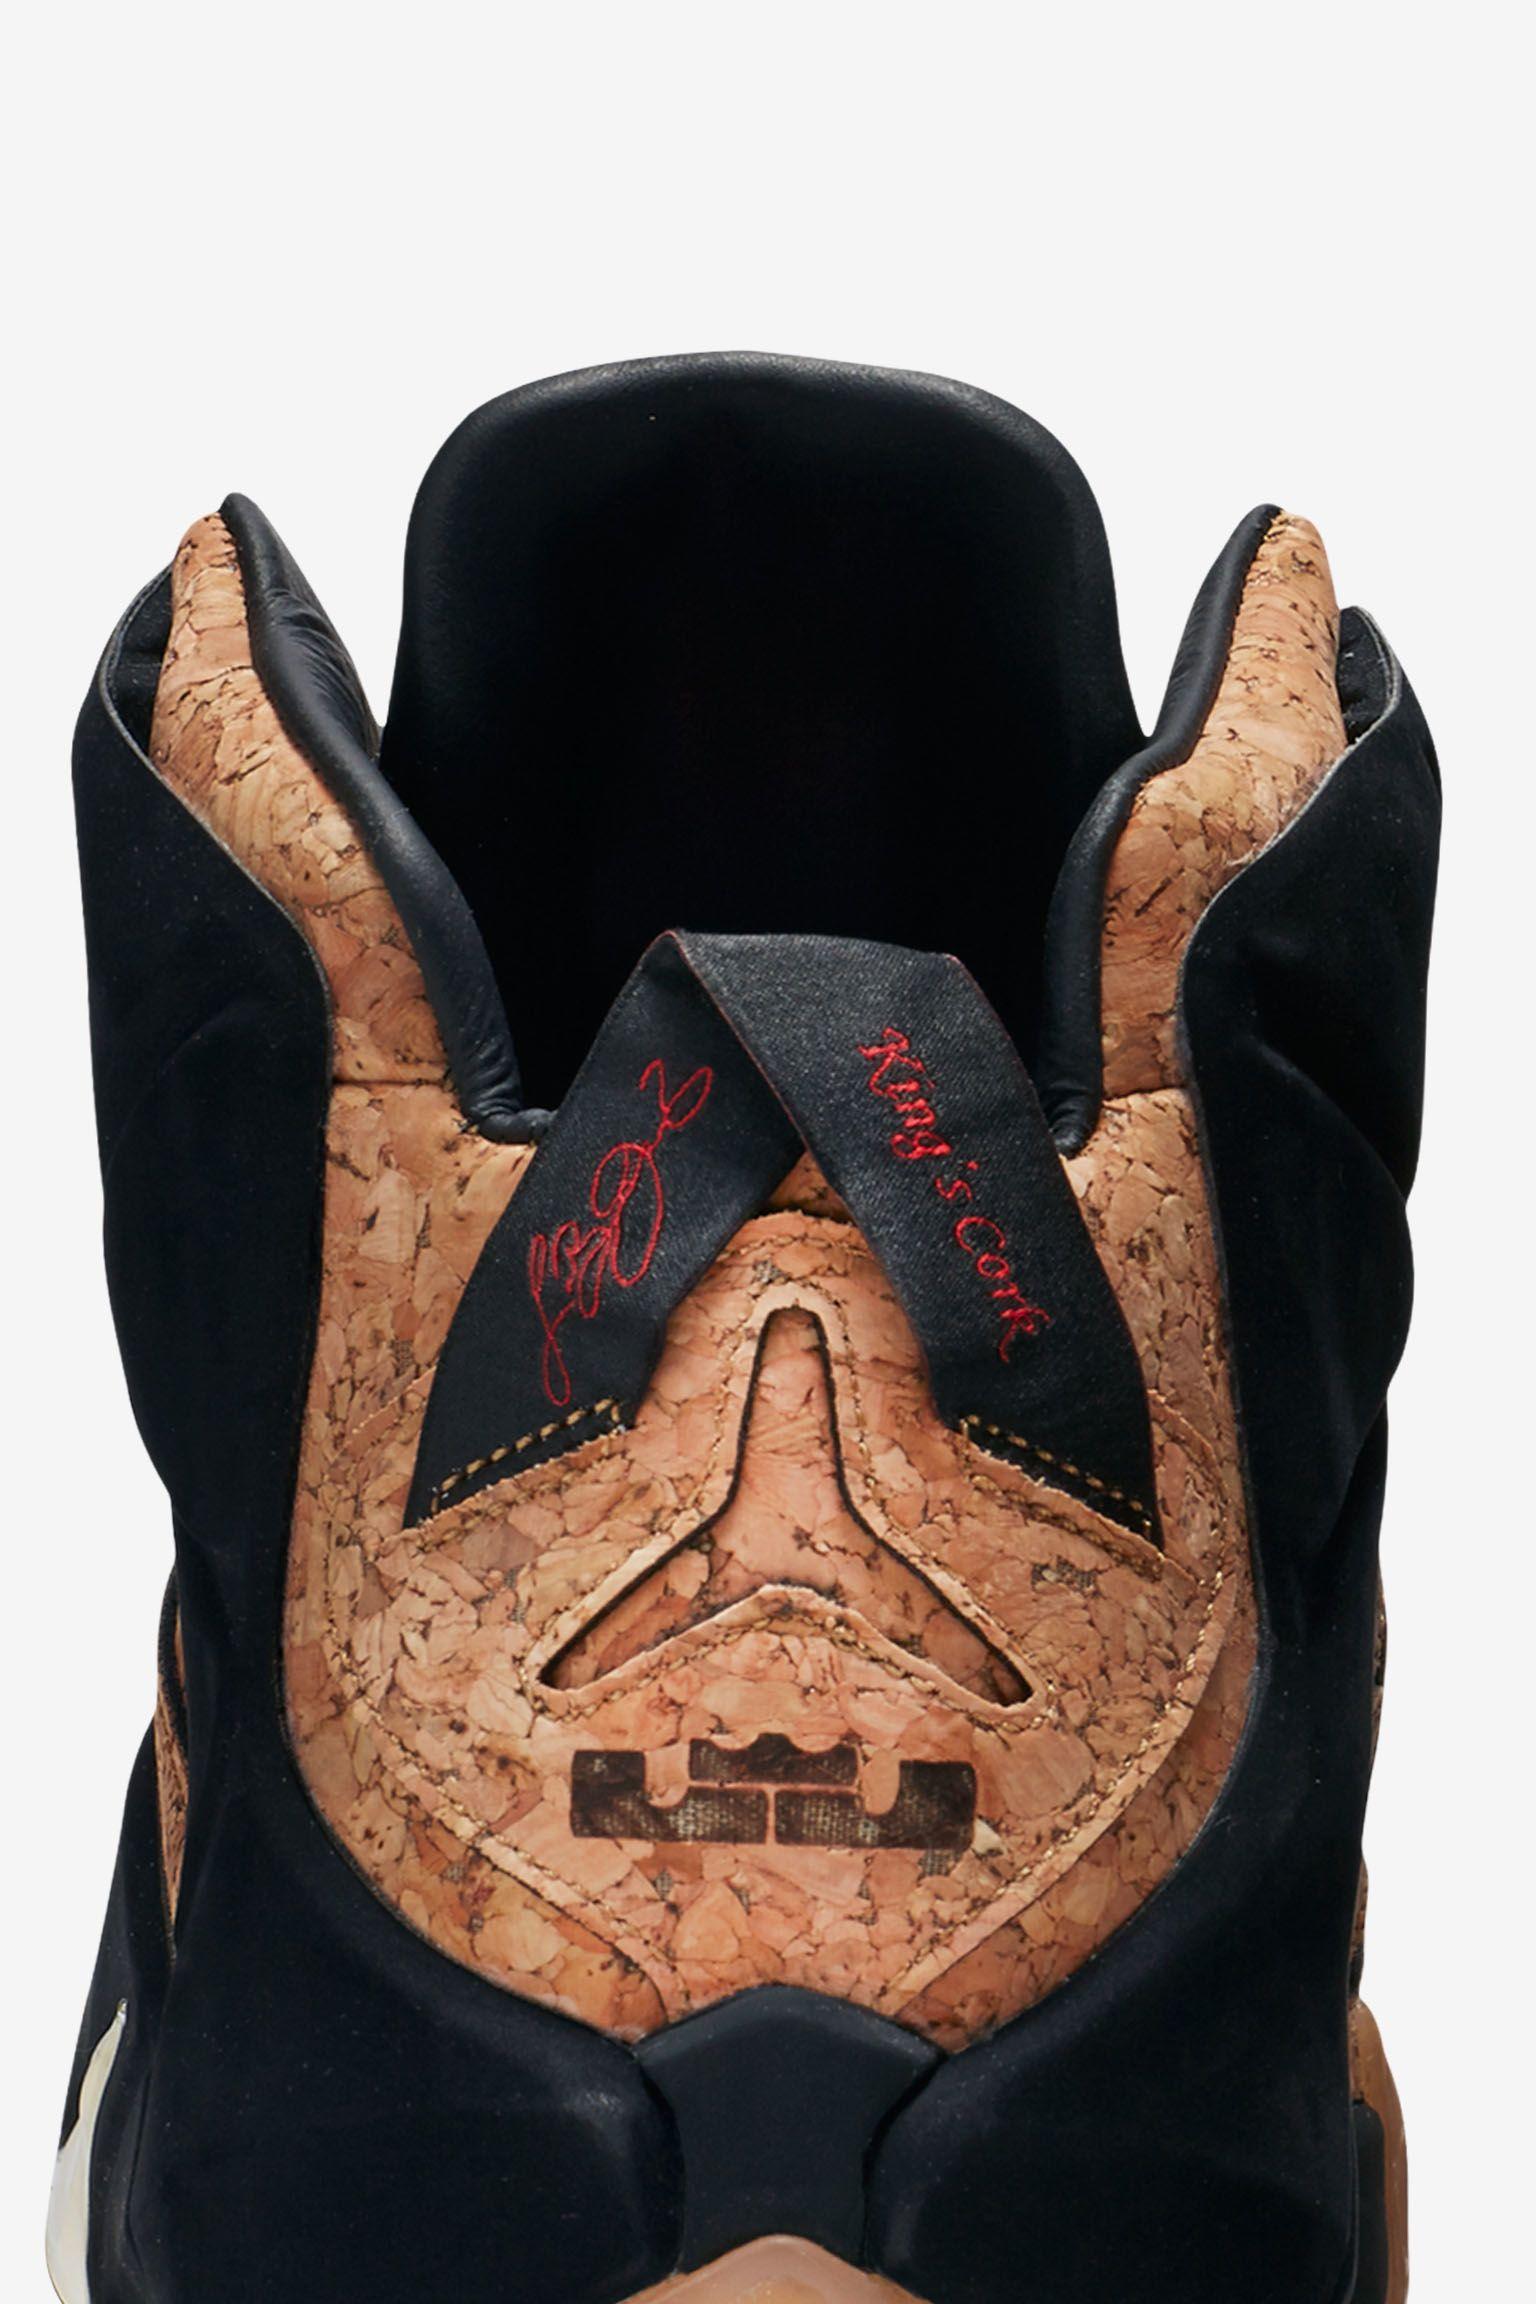 Nike LeBron 12 EXT Kings  Cork . Nike+ SNKRS cd82fc8fa8e6